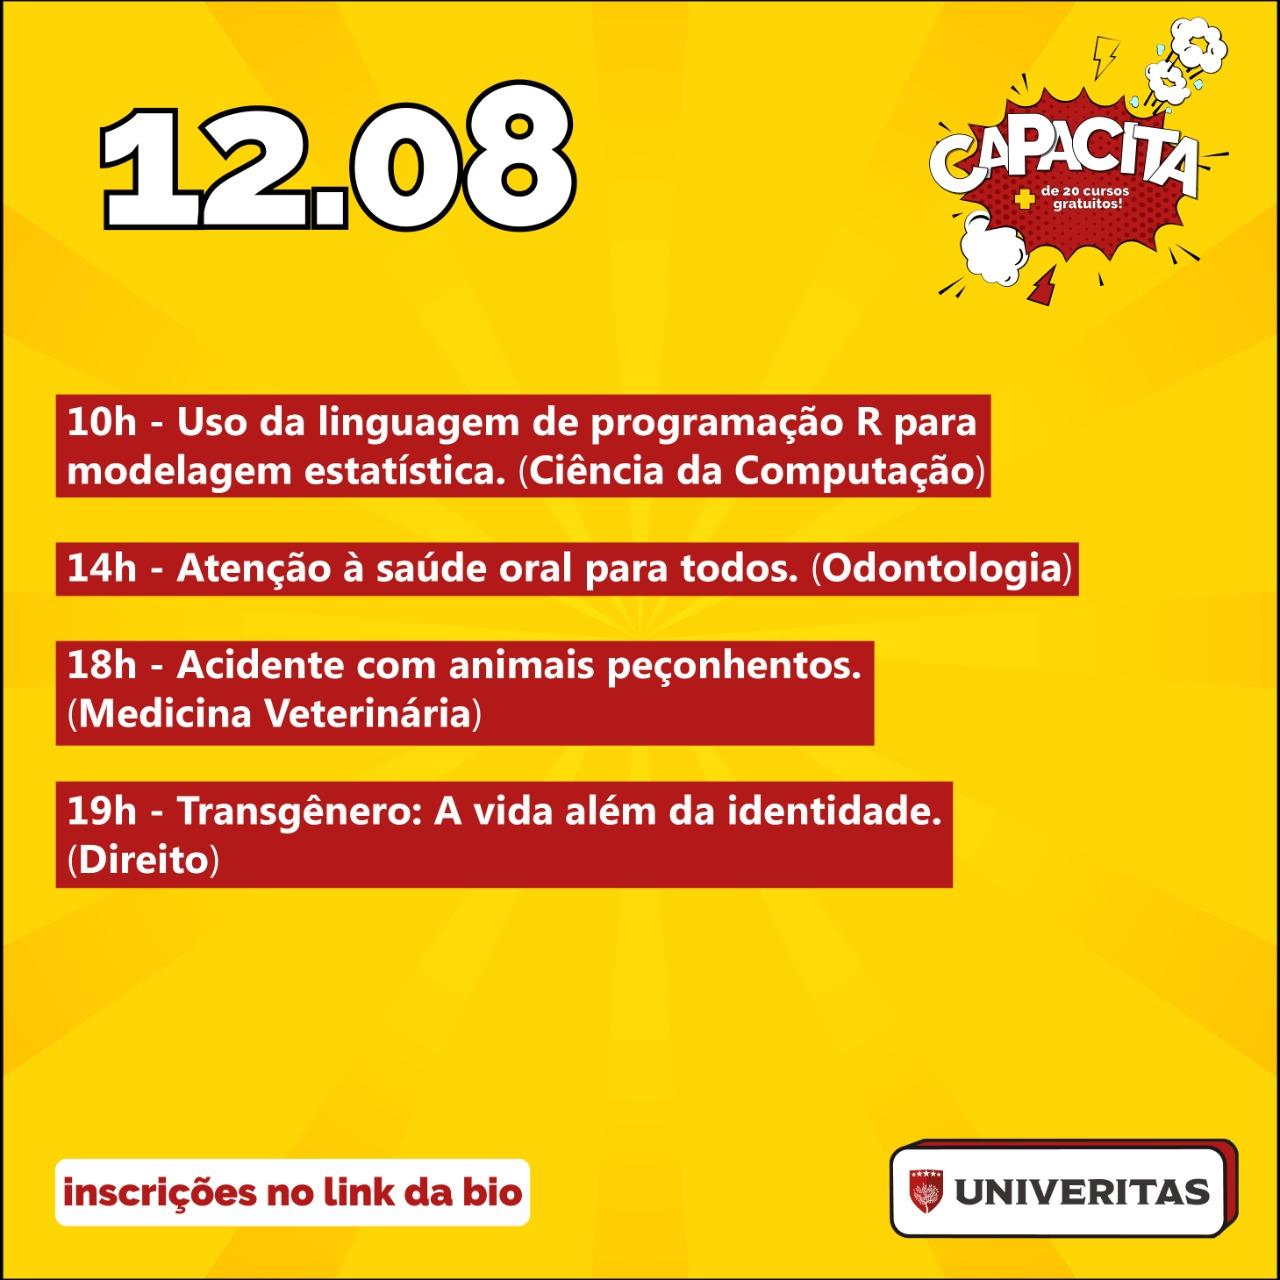 Na imagem, programação do curso Univeritas